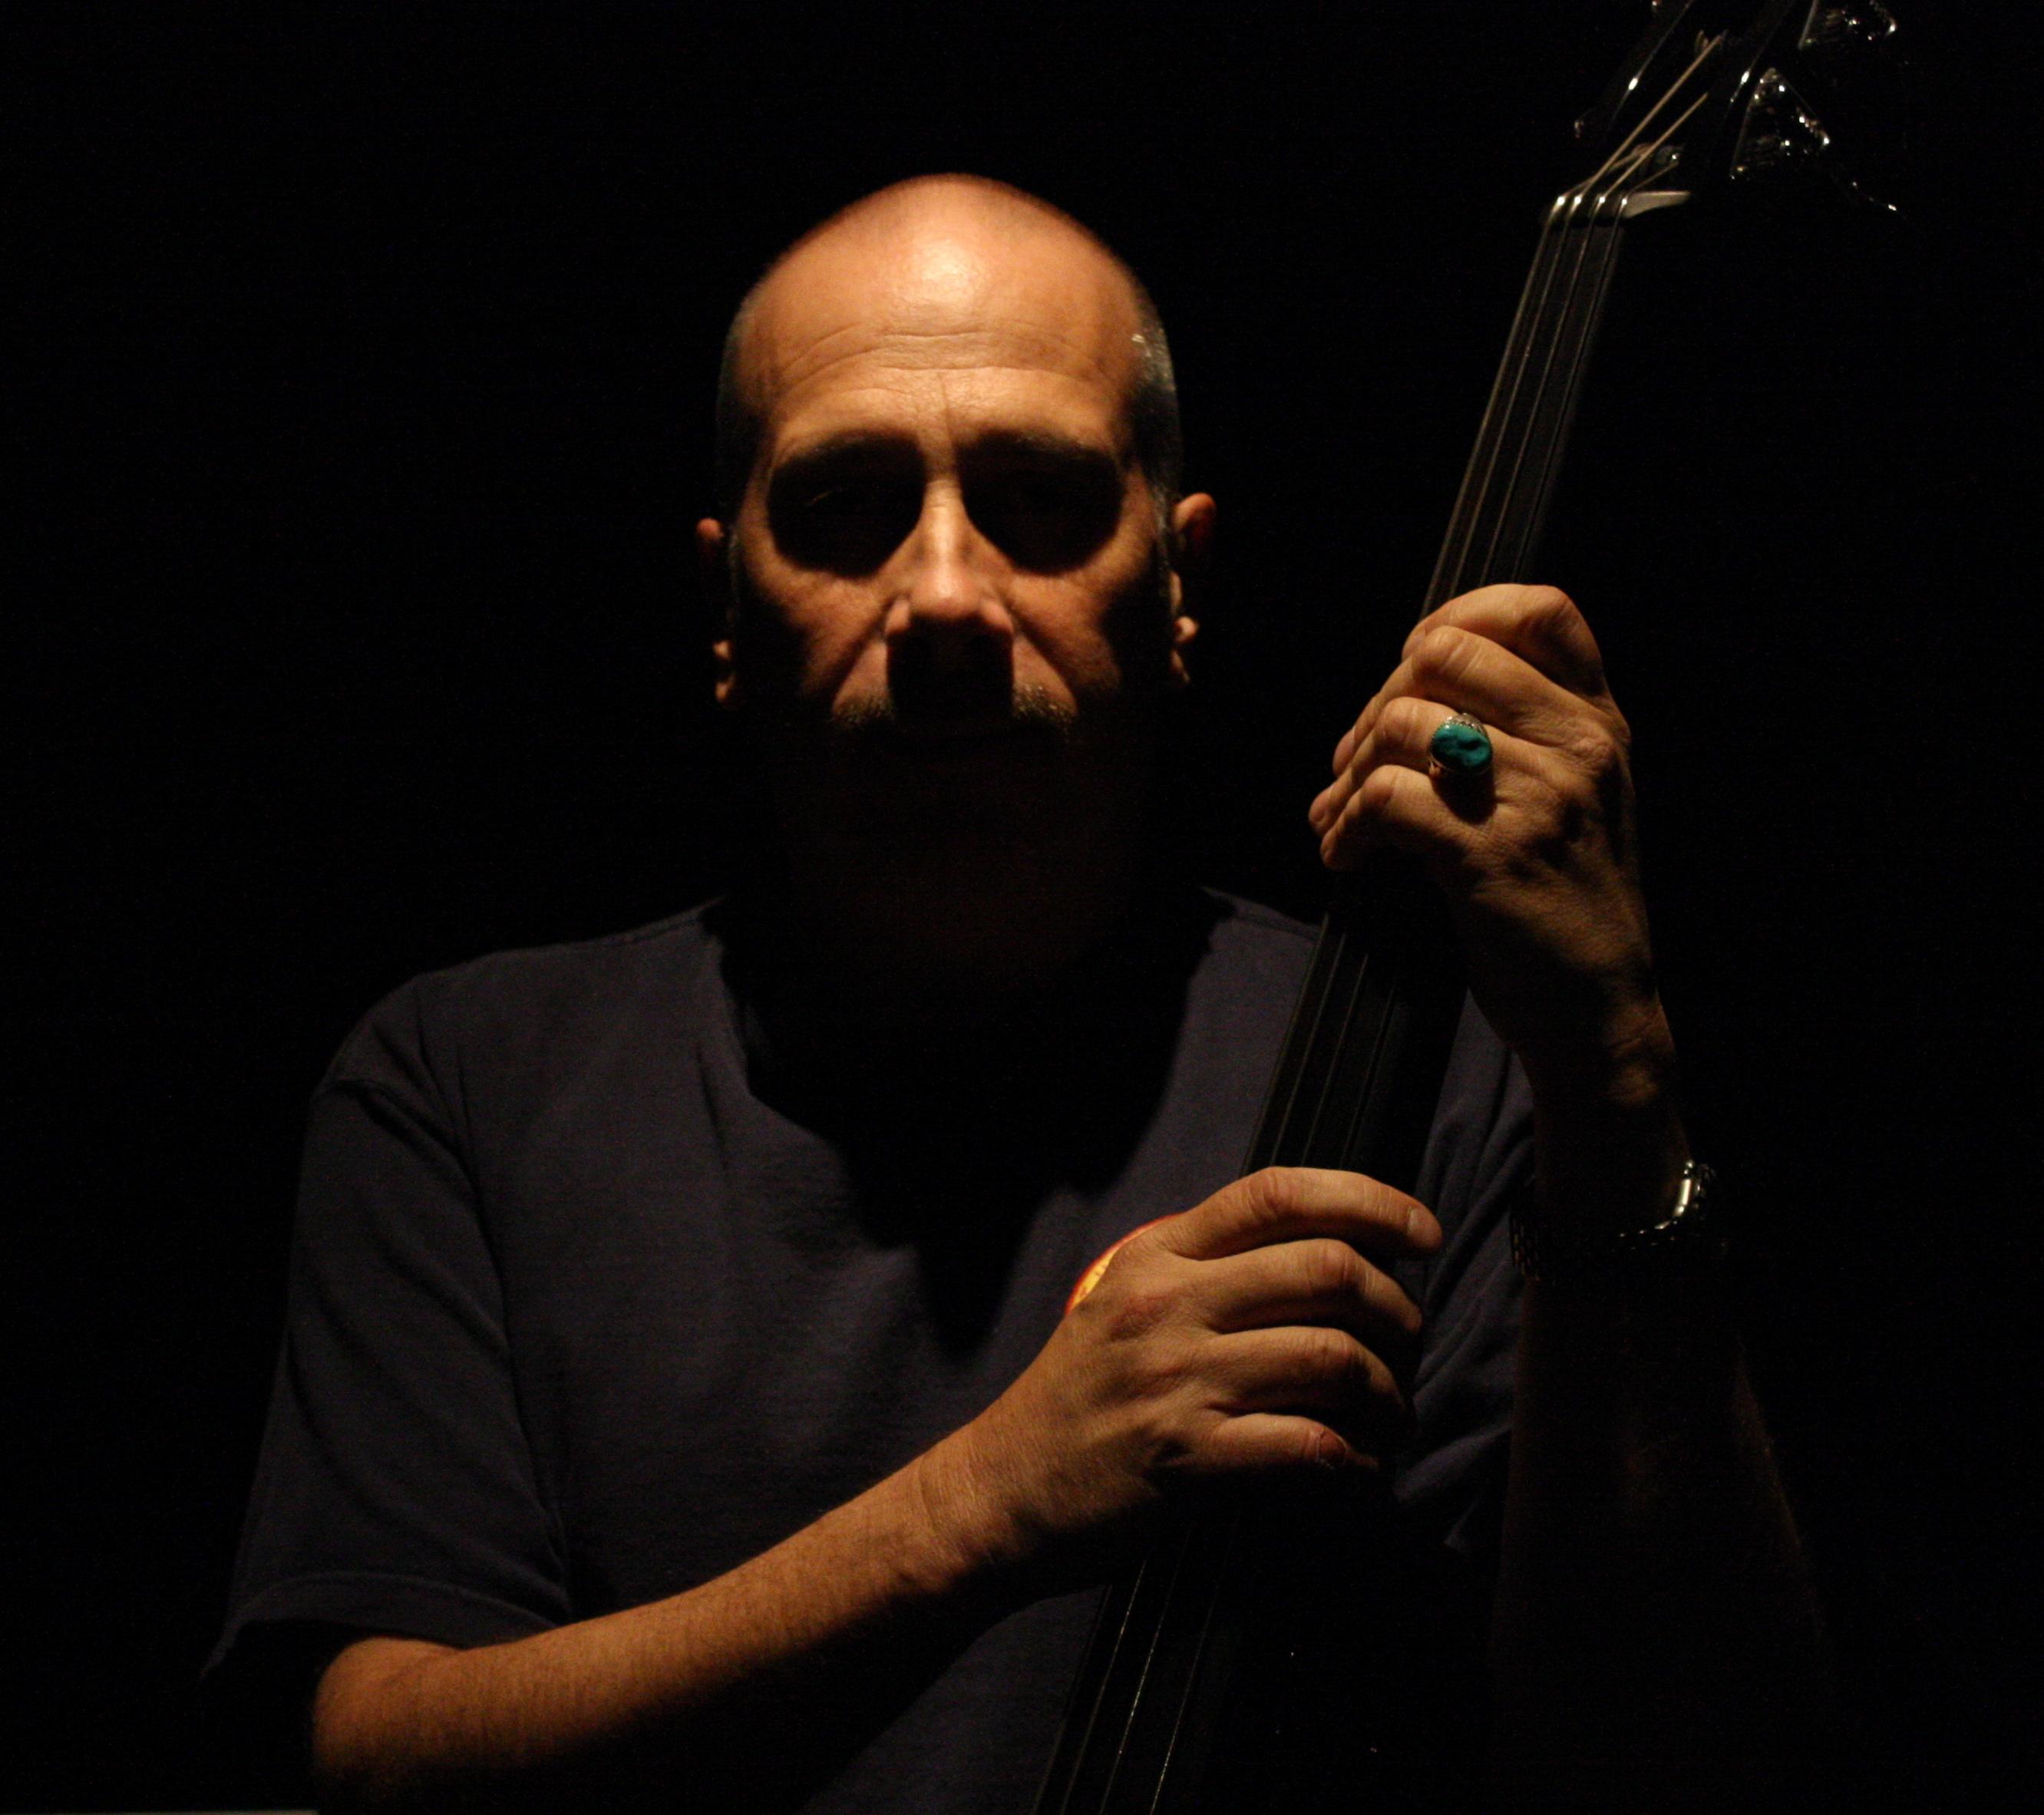 James Hutchinson Musician Wikipedia